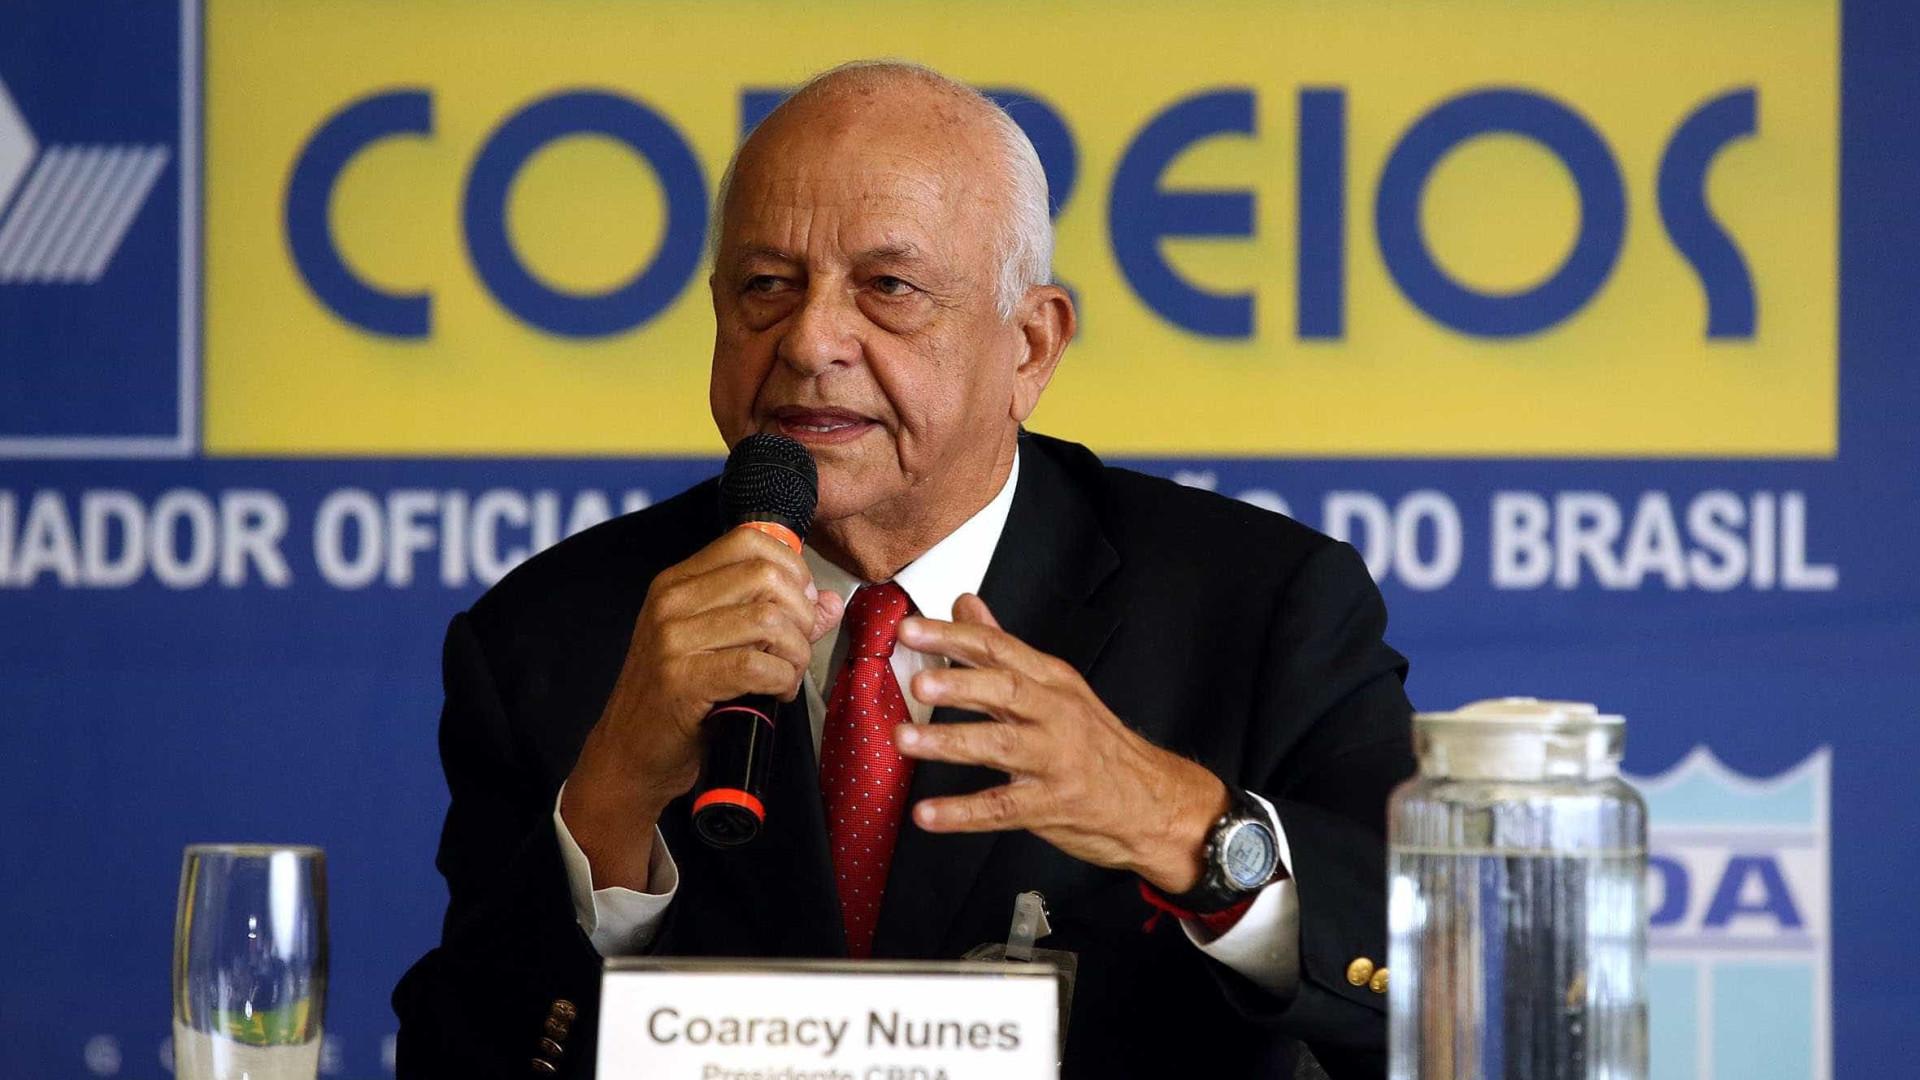 Coaracy Nunes é condenado à prisão por desvio de dinheiro público